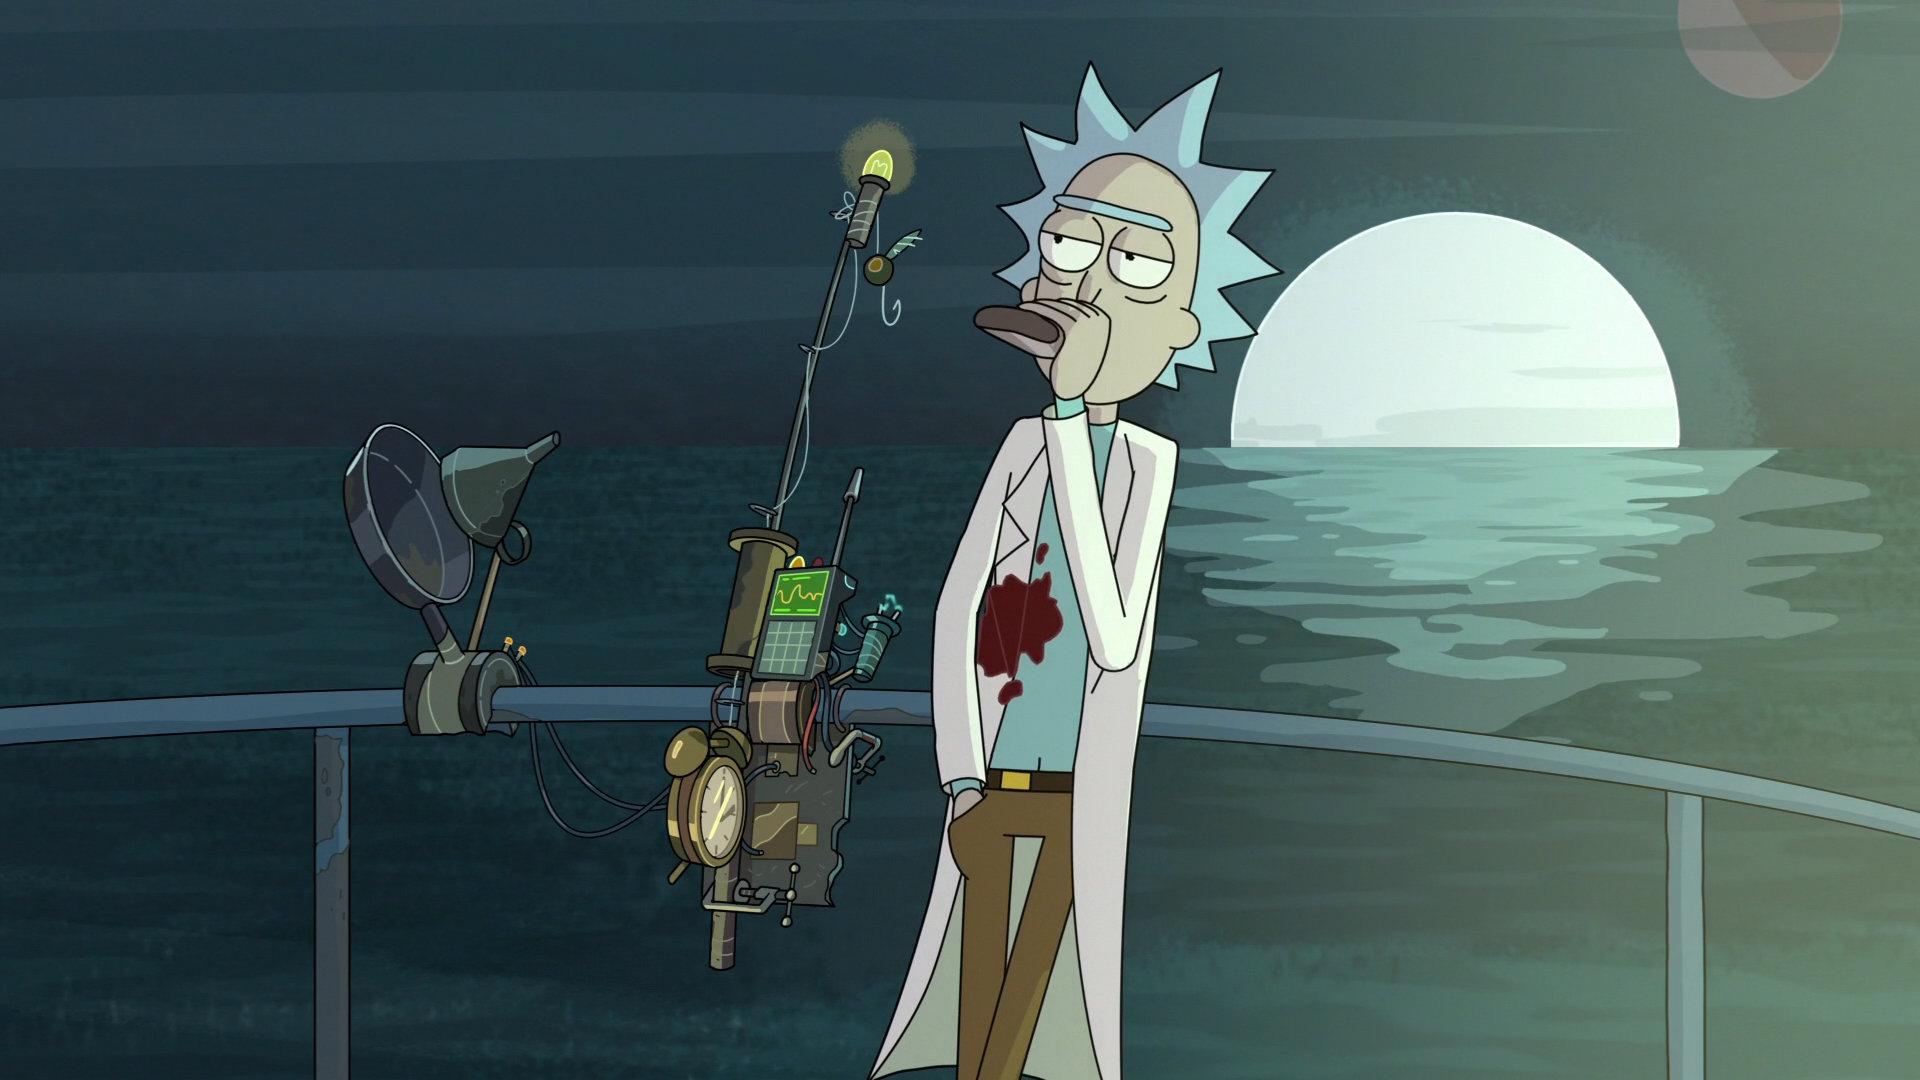 如果上帝死了,《瑞克和莫蒂》就是他的葬礼